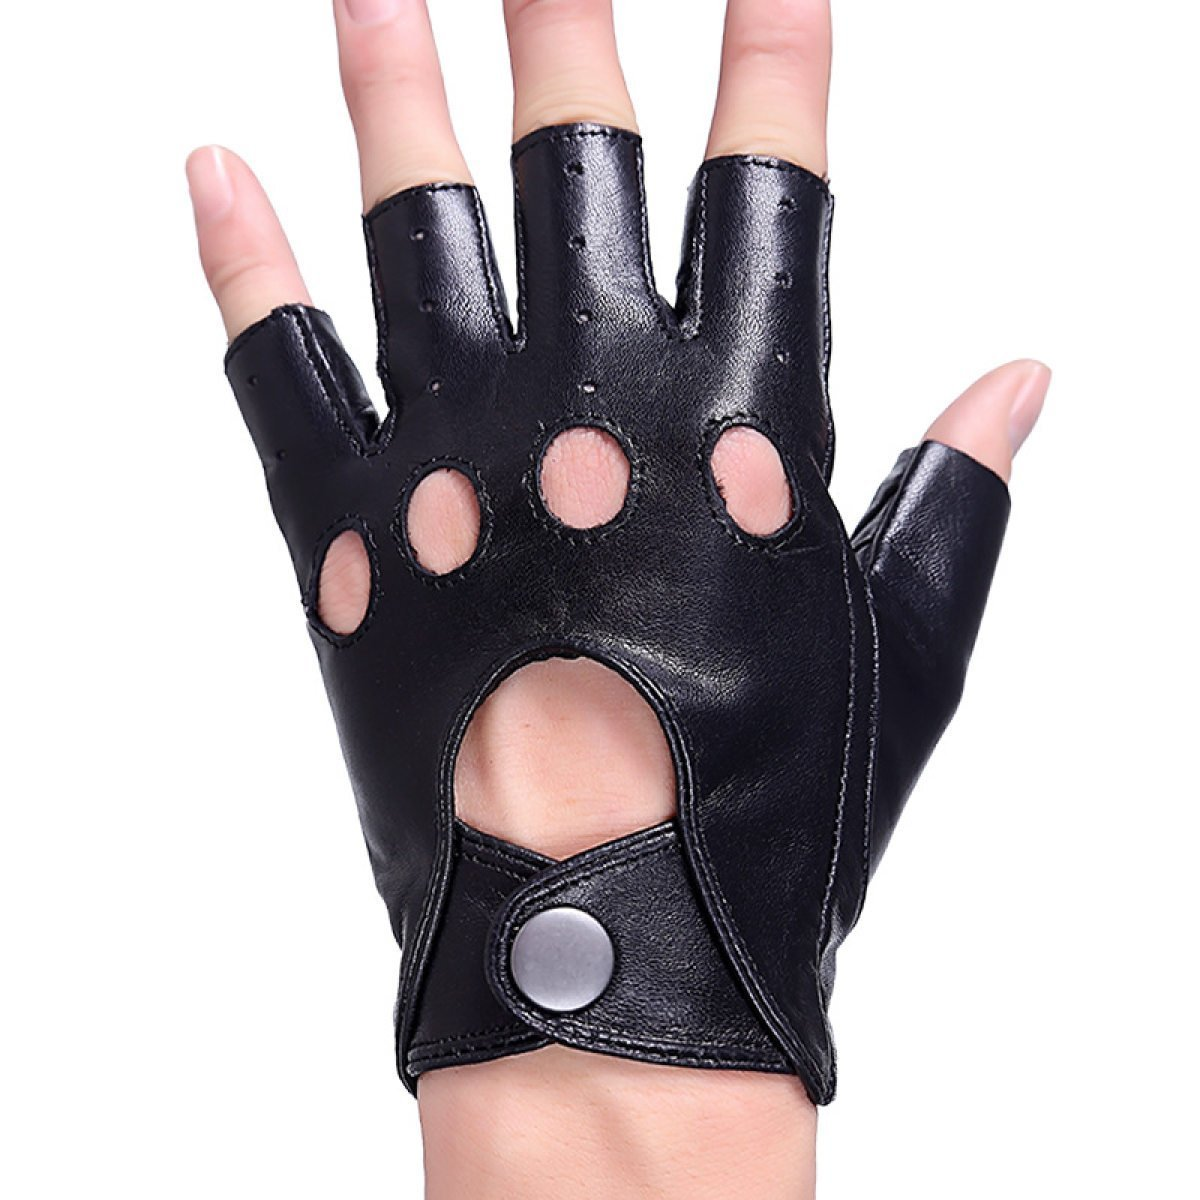 GBT Guantes Semi - Dedos Deportes al aire libre masculinos y femeninos Deportes antideslizantes